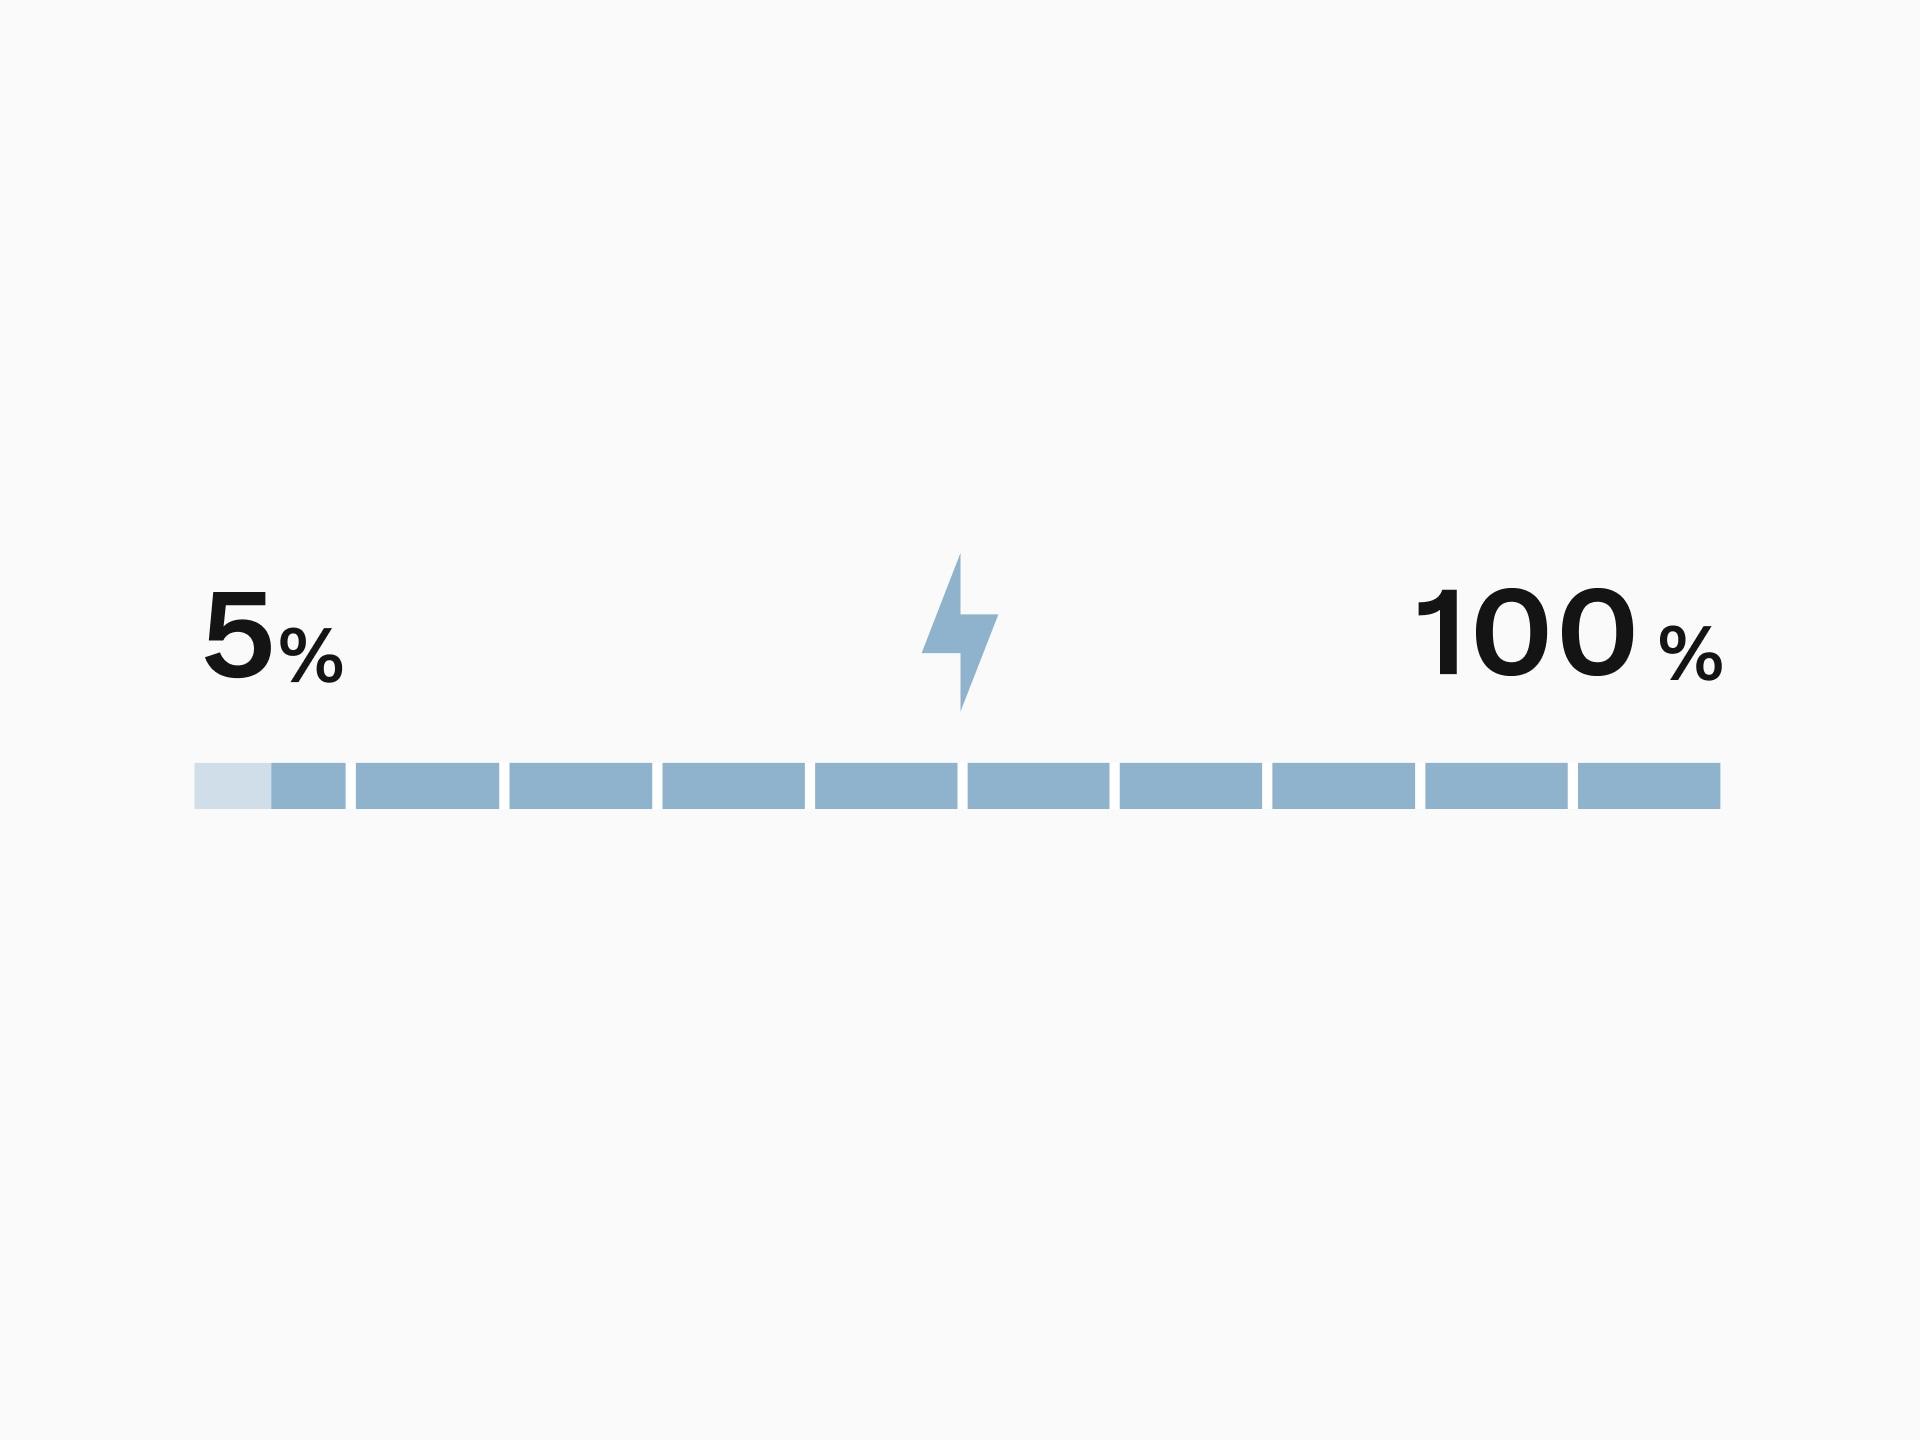 Grafikon odstotka napolnjenosti baterije, označen od 5 do 100 odstotkov, prikazuje popolno območje delovanja za baterijo priključnega hibrida.